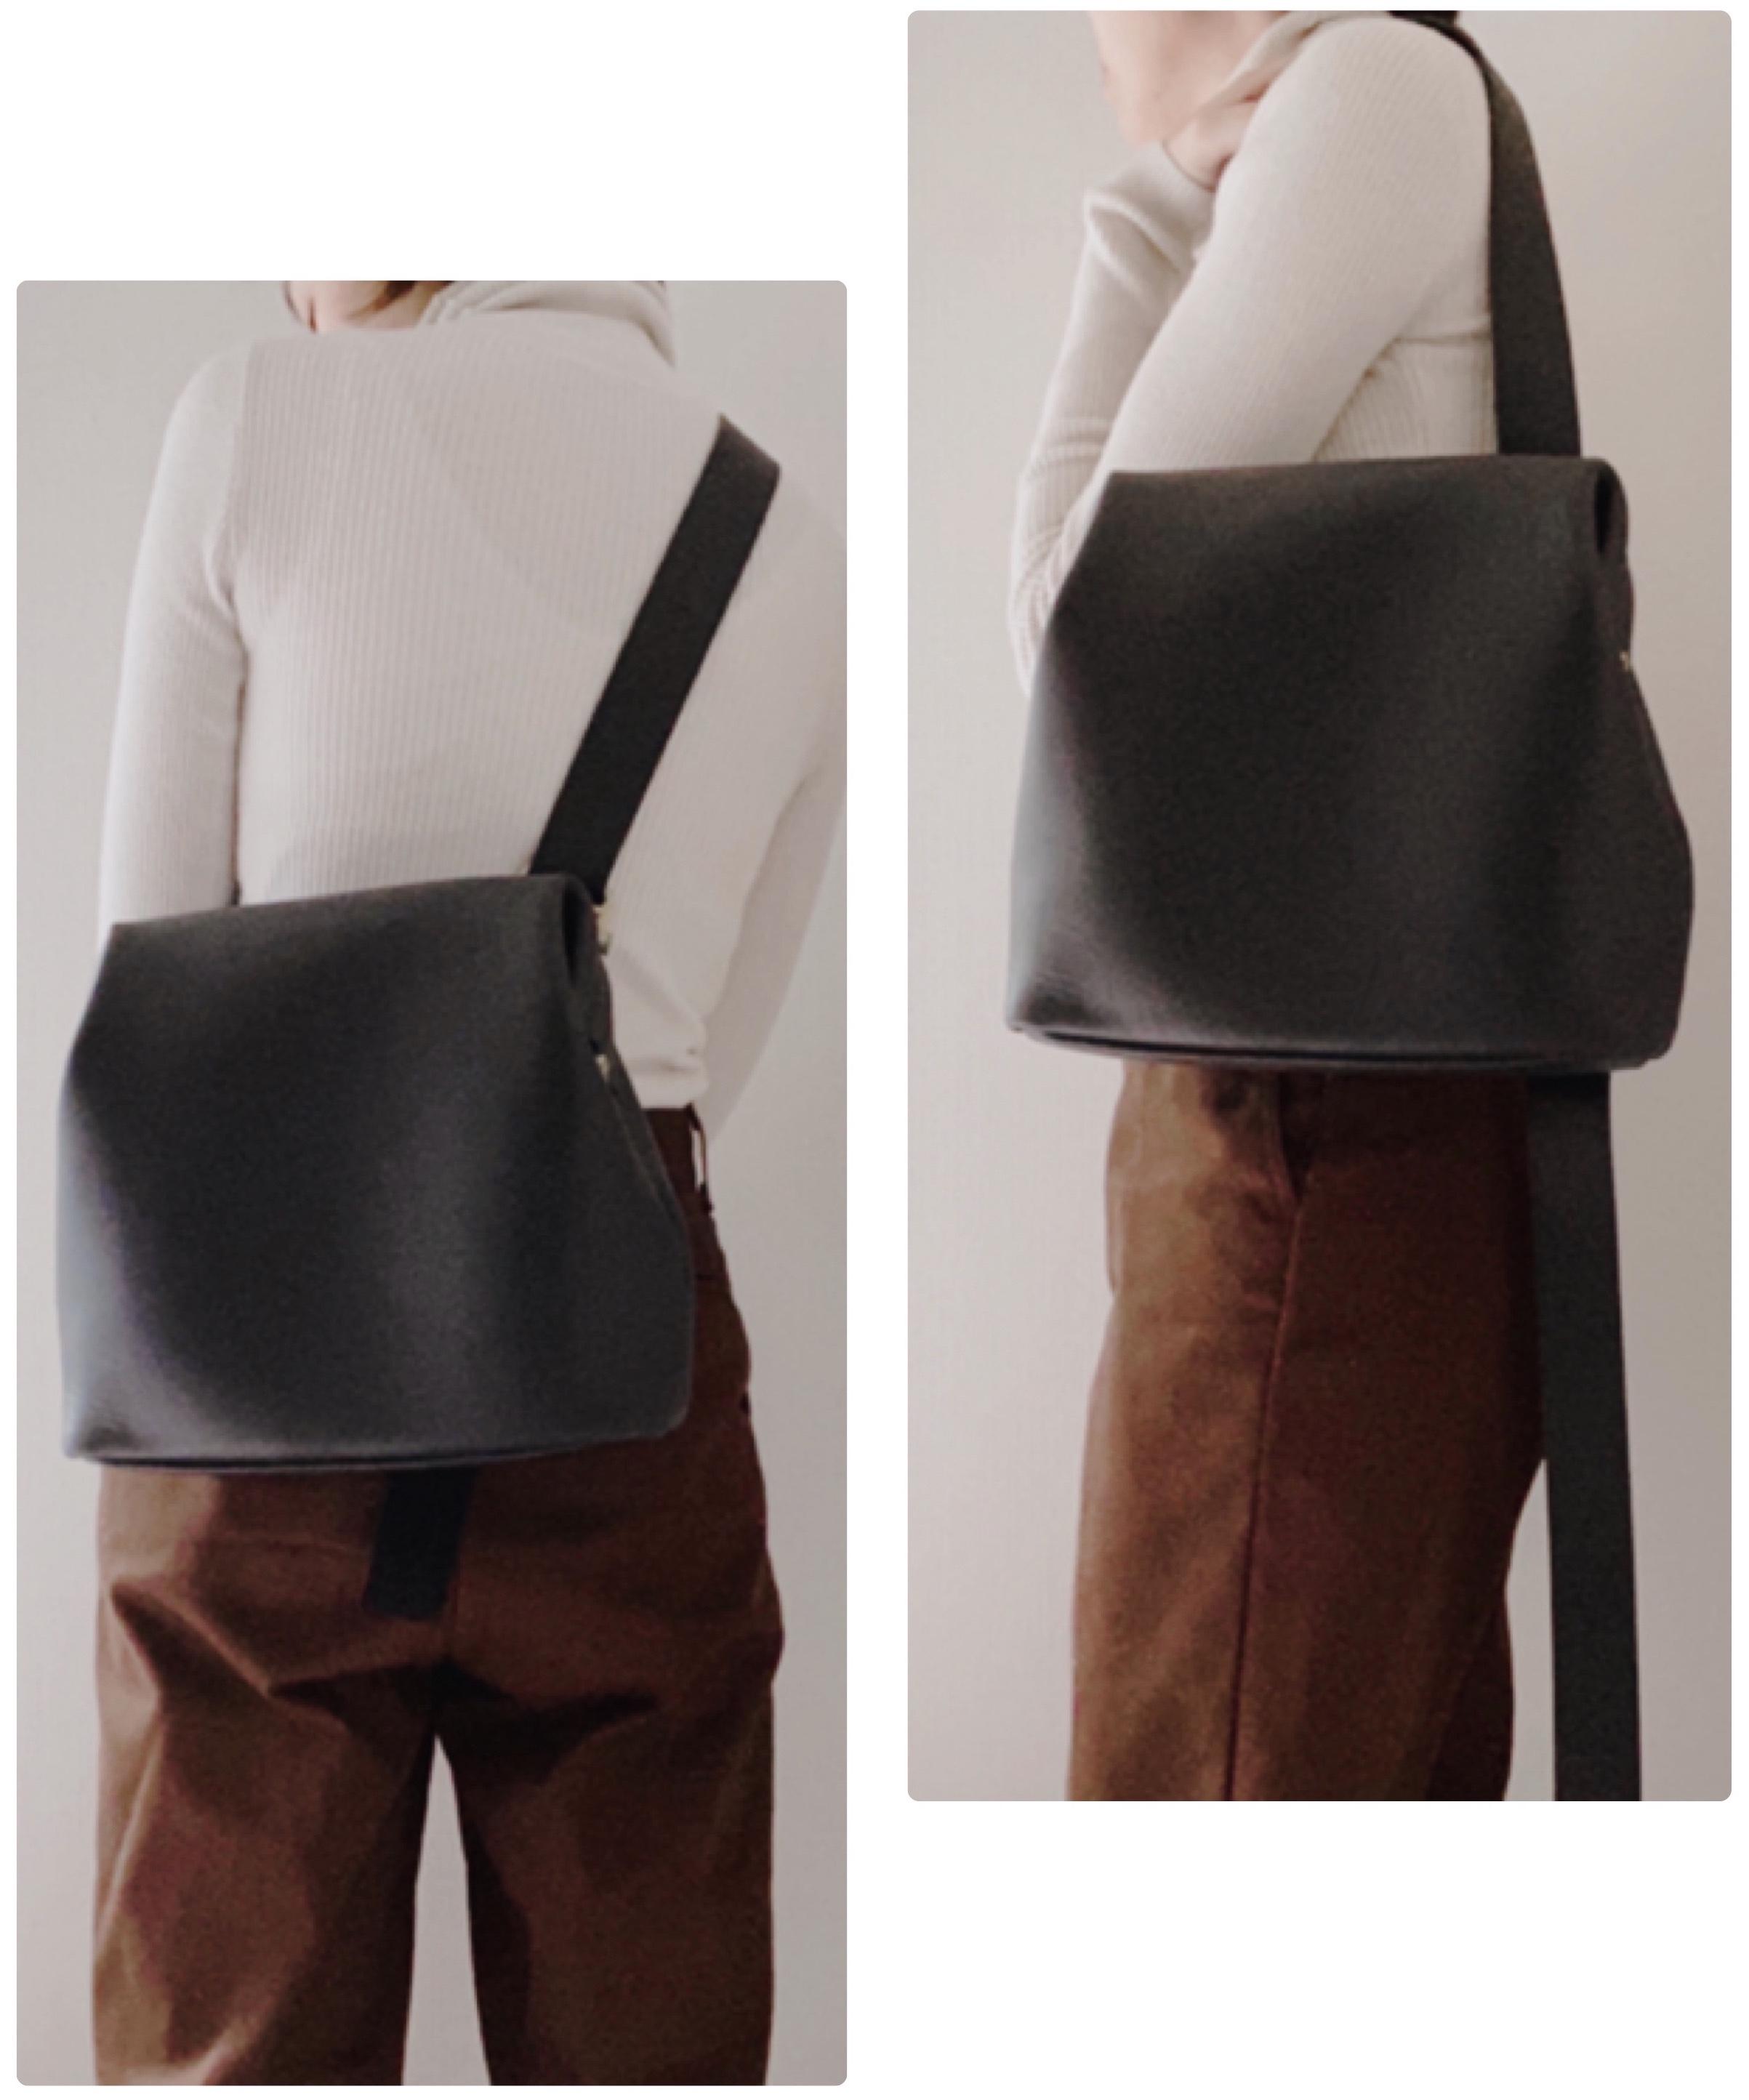 【韓国ブランド】「いつも持ってるそのバッグ、可愛いよね」と言われたい 【#この愛を語らせて03】_1